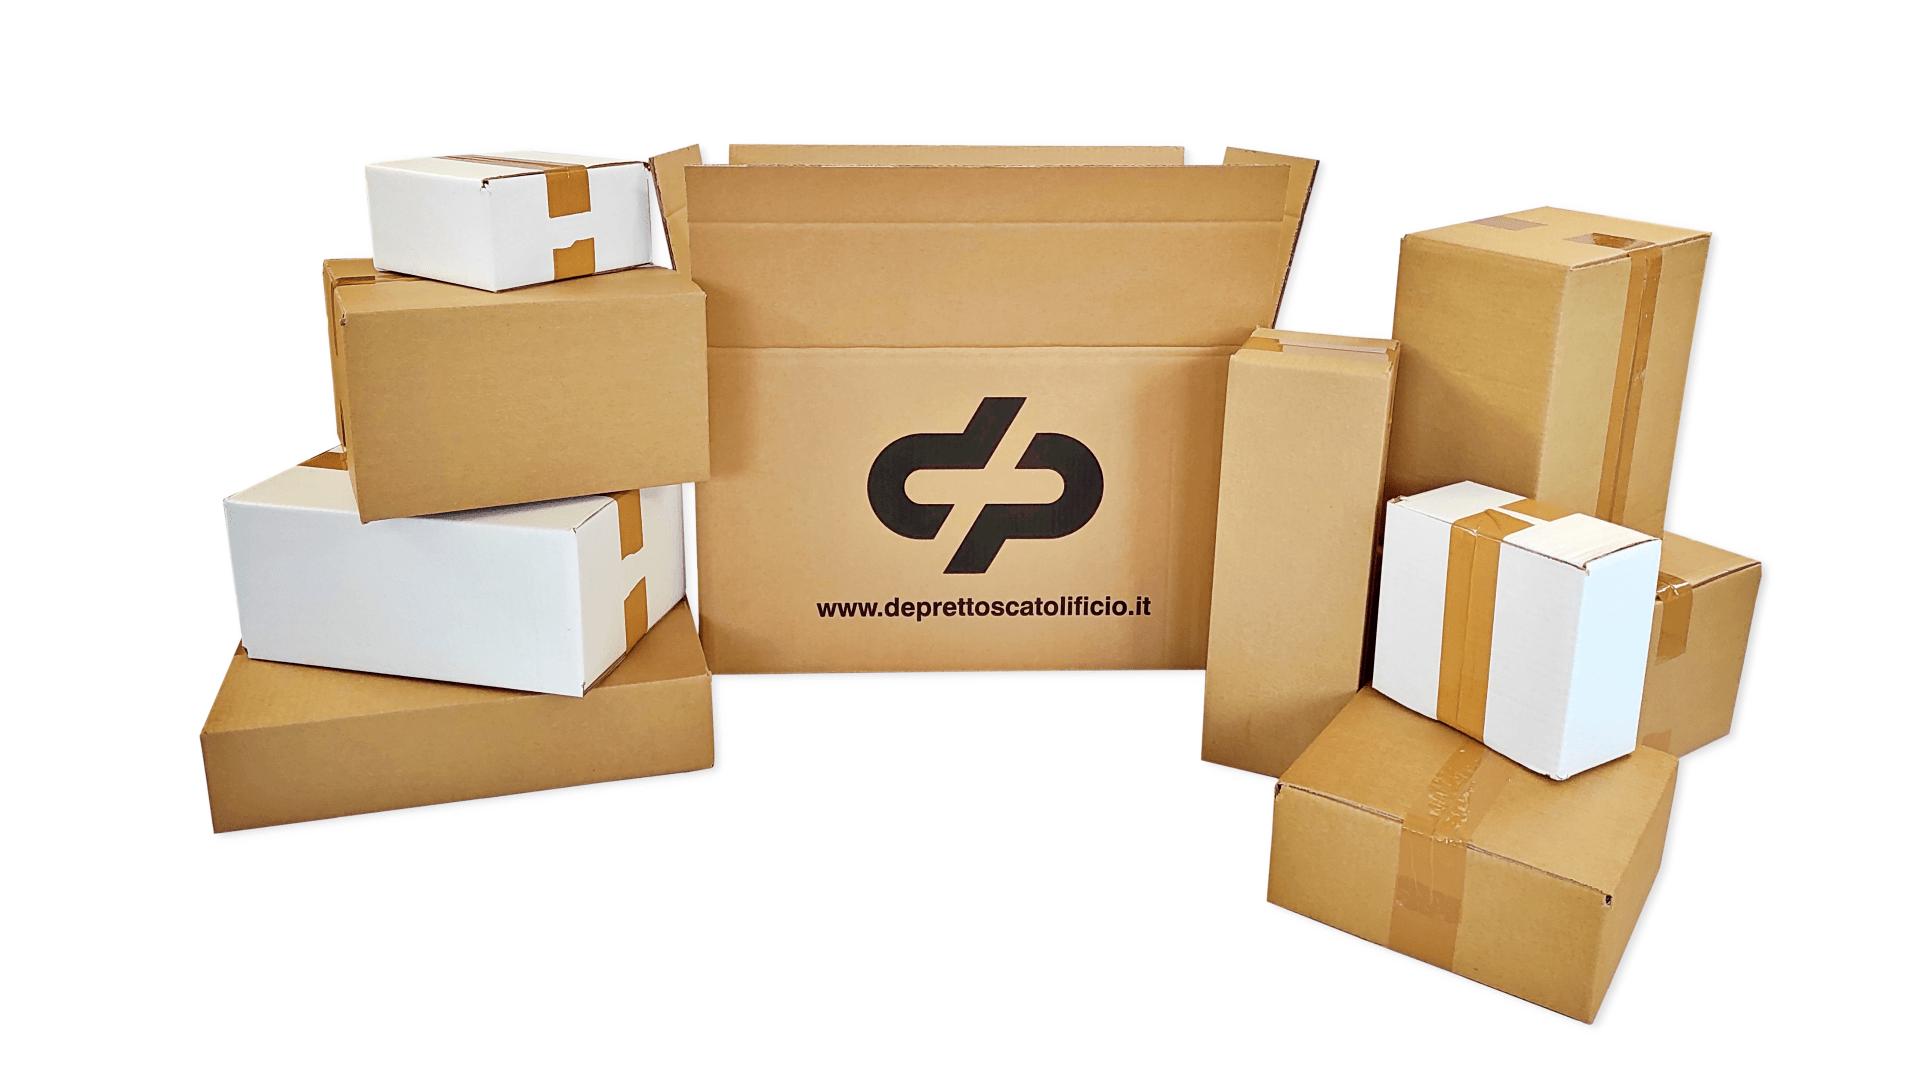 modelli_scatole_deprettosrl